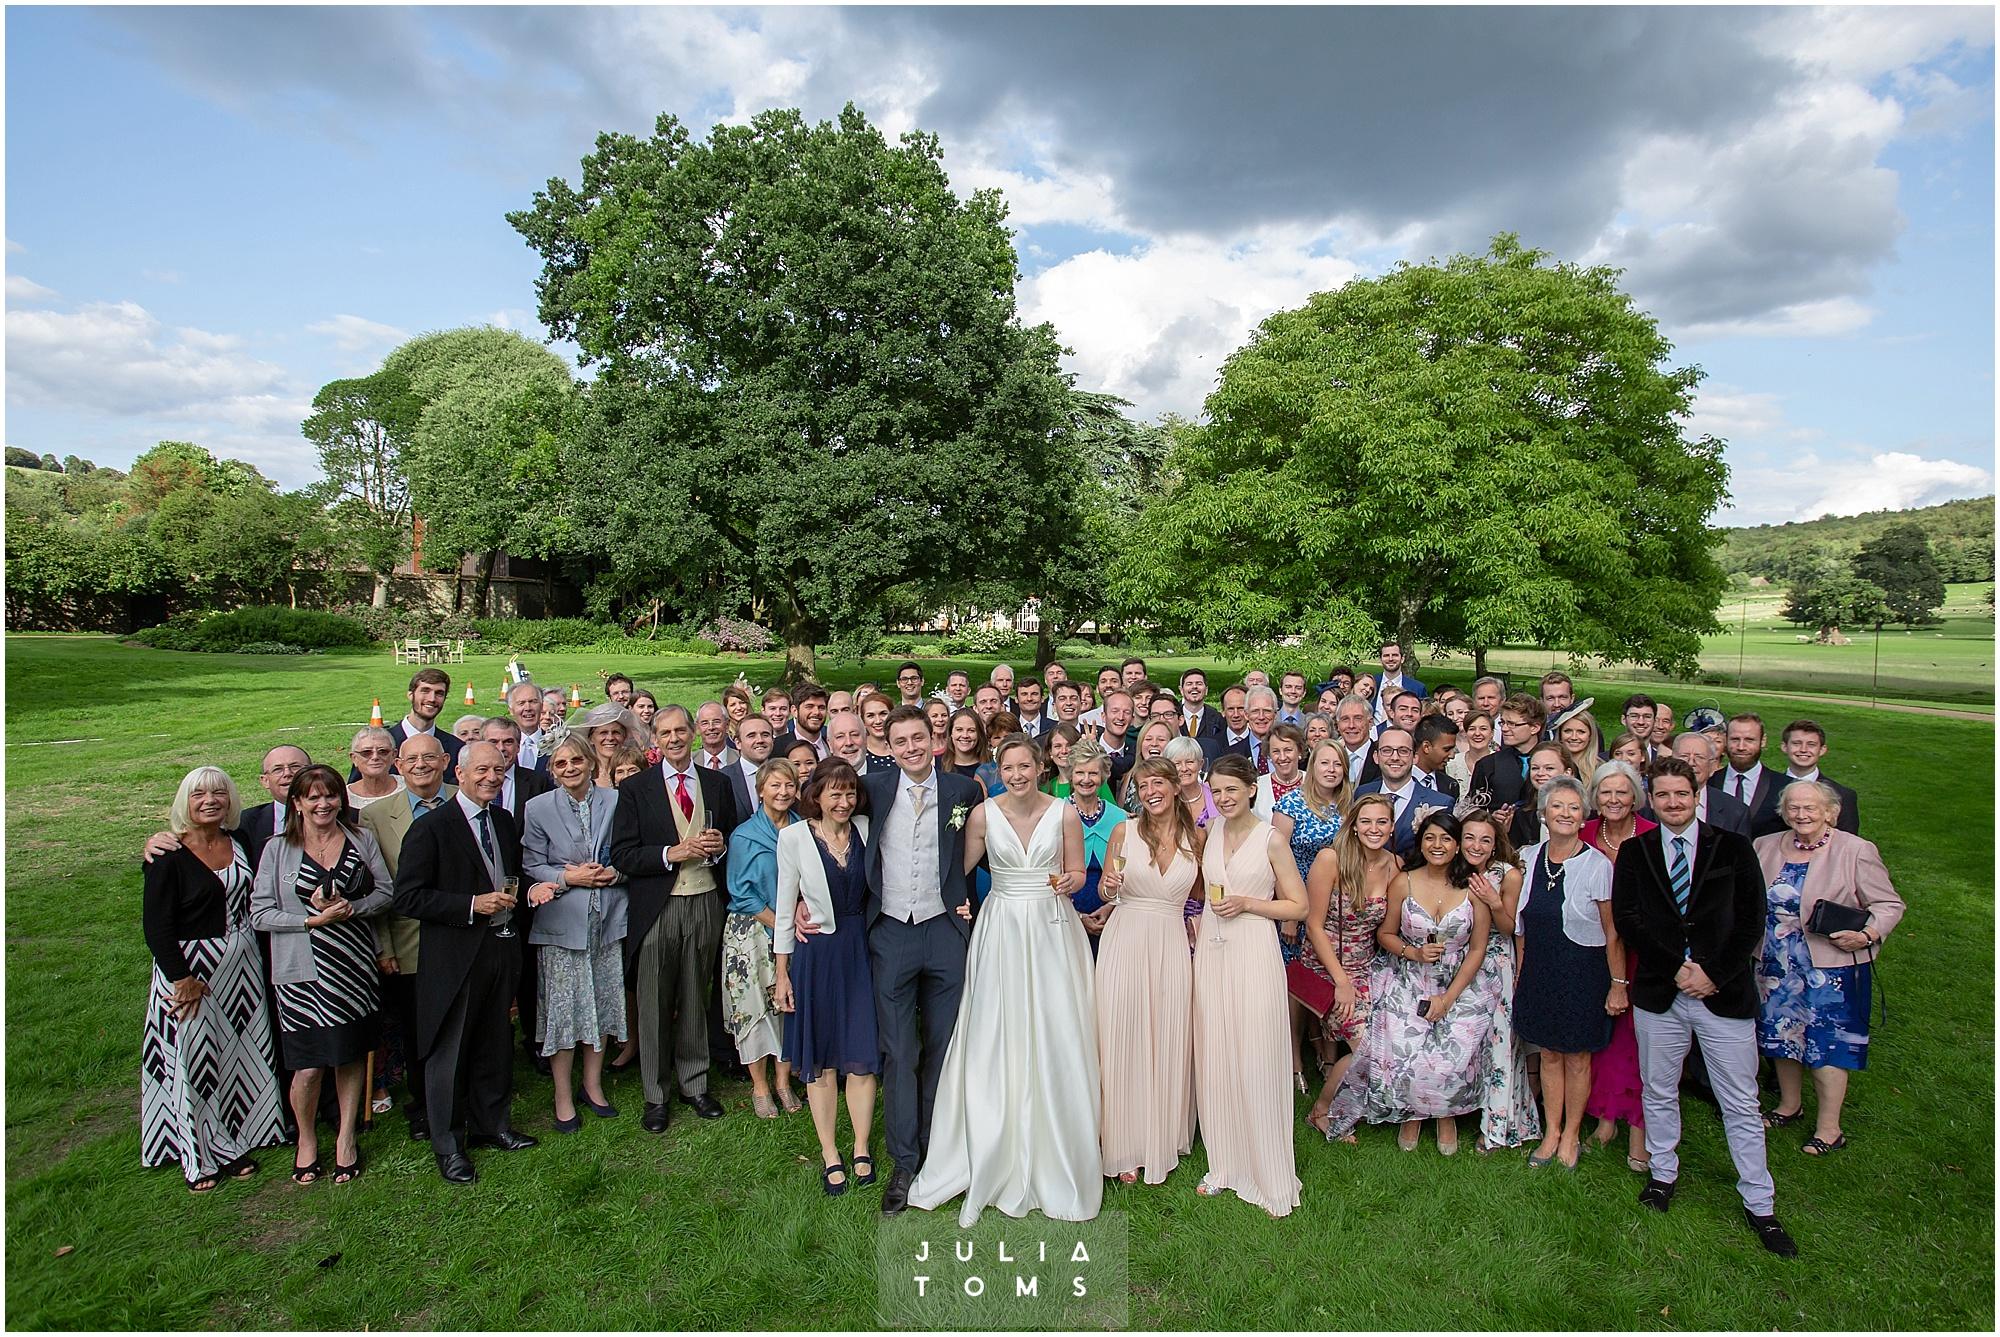 westsussex_wedding_photographer_westdean_106.jpg